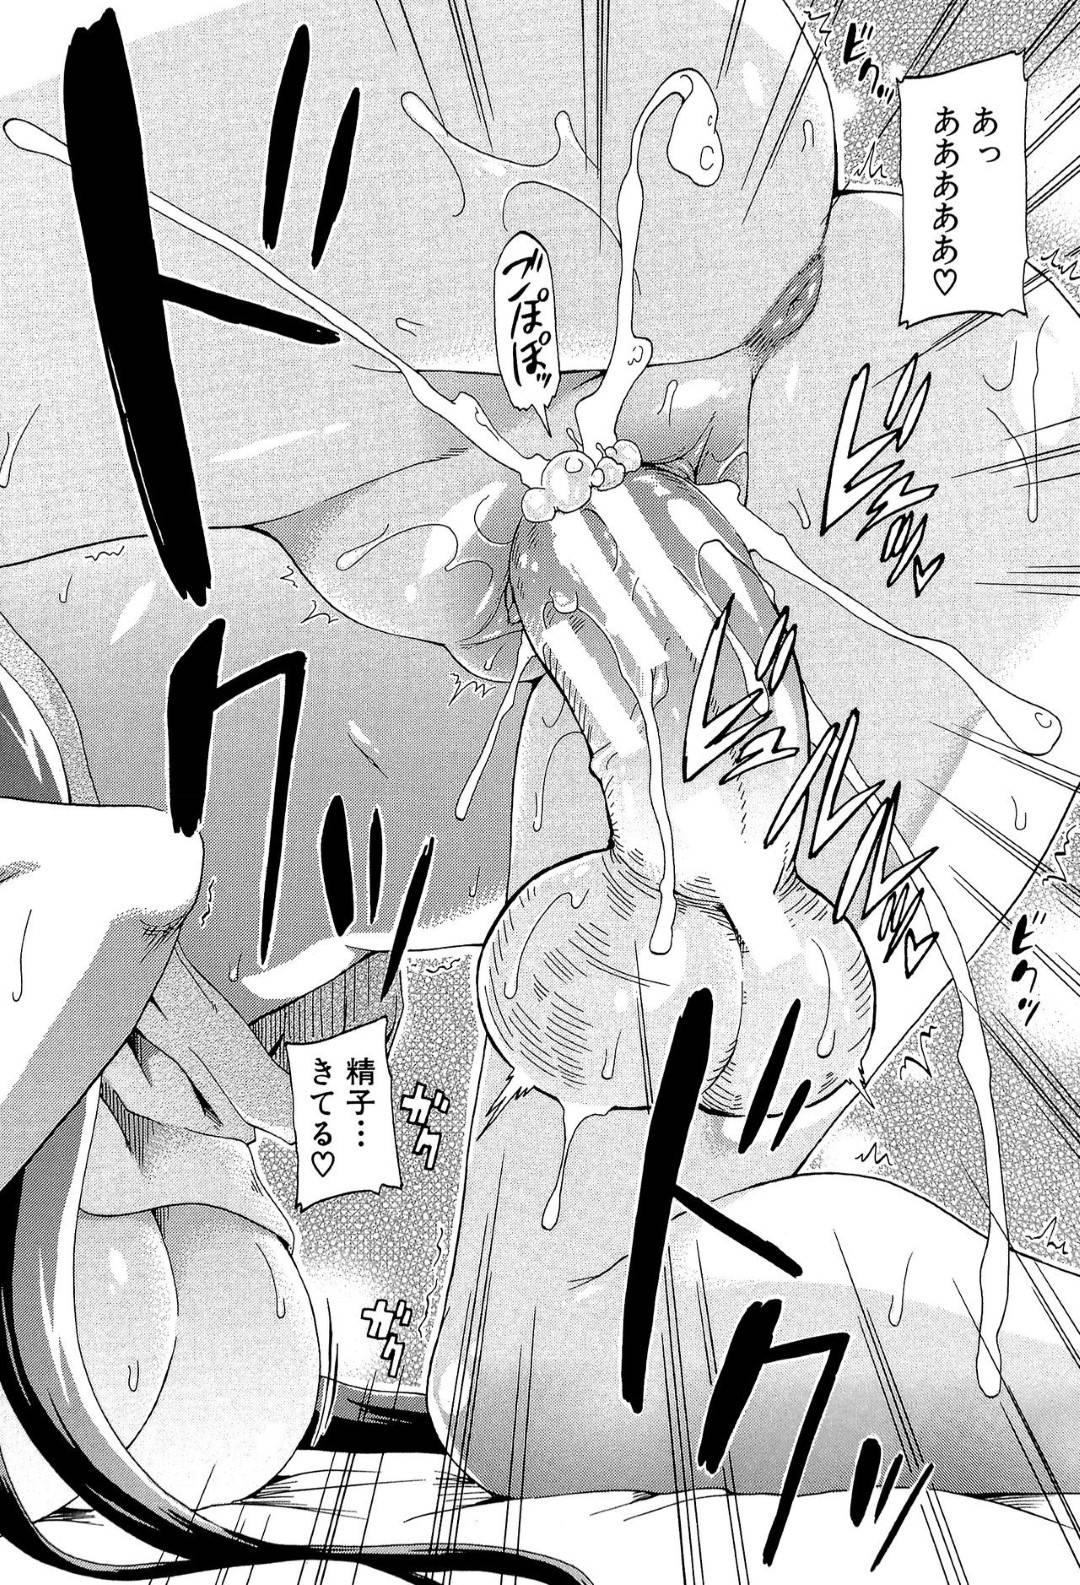 【エロ漫画】おしっこプレイ好きのロリと彼氏とで部屋でおしっこ我慢修行する彼女…みんなでおしっこを飲み合い彼氏とイチャラブ生ハメセックスして潮吹き【高城ごーや:にょうしゅぎよ!】